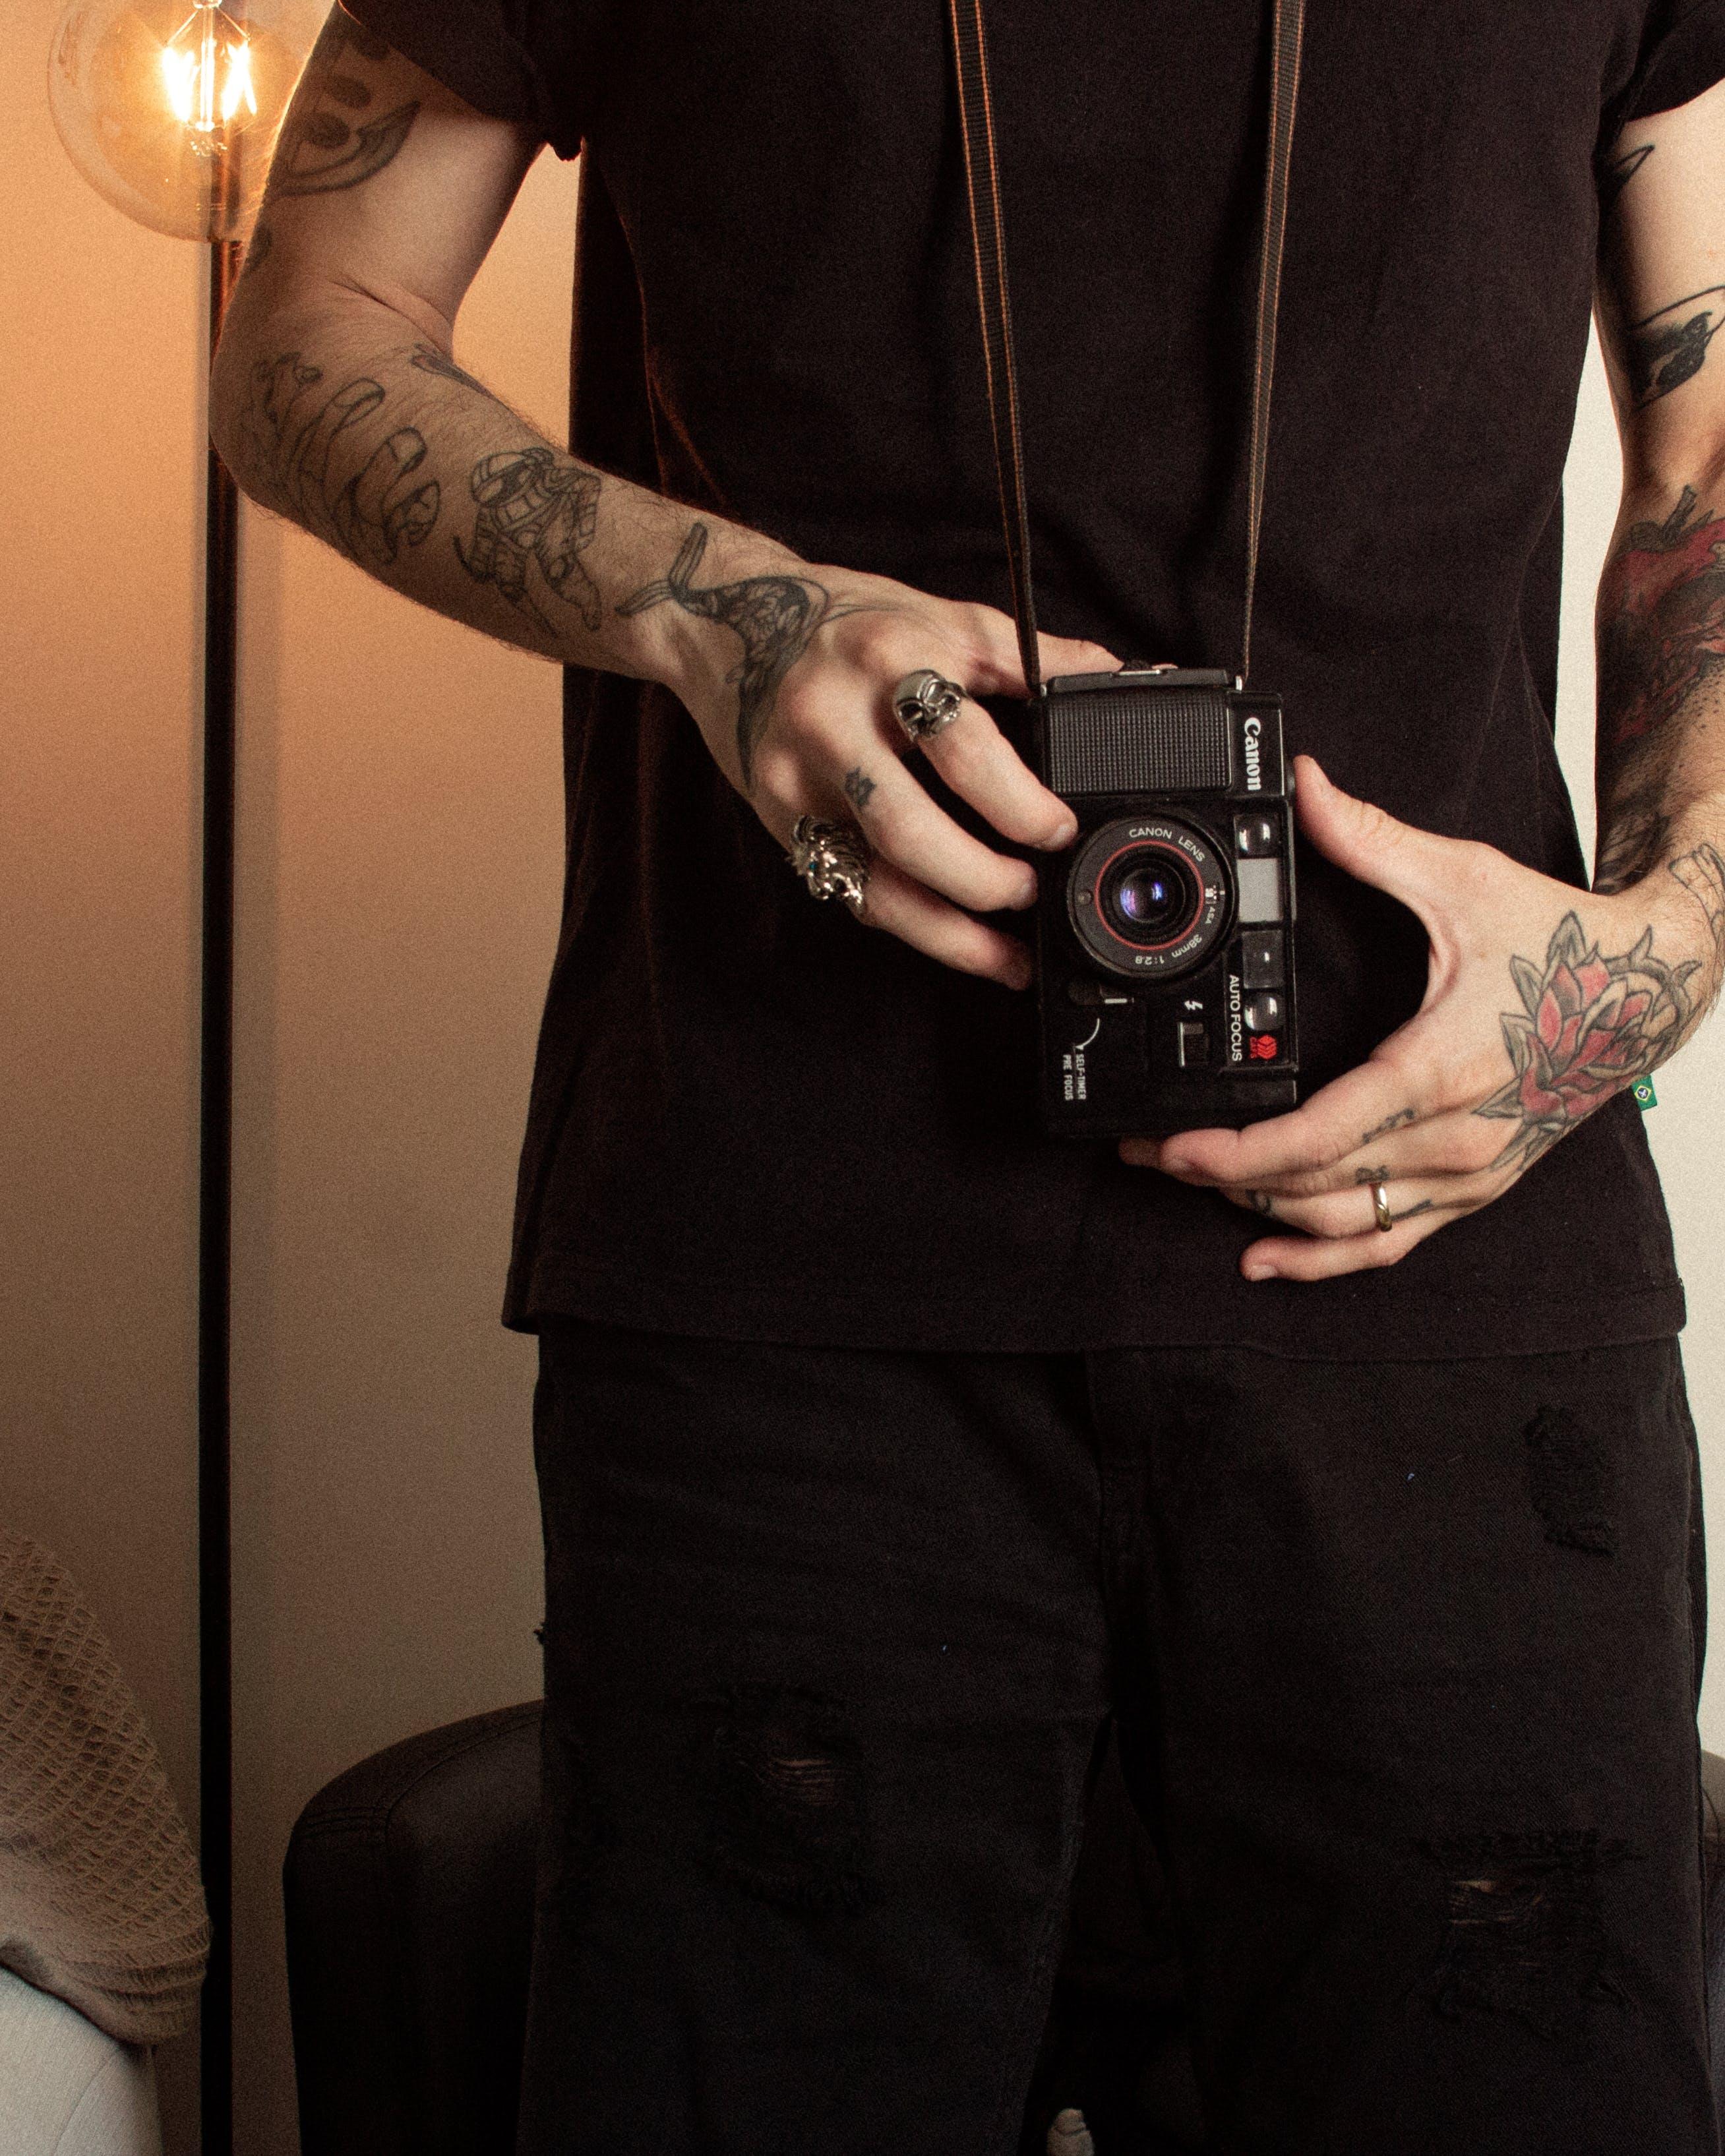 Man Wearing Black Shirt Holding Camera